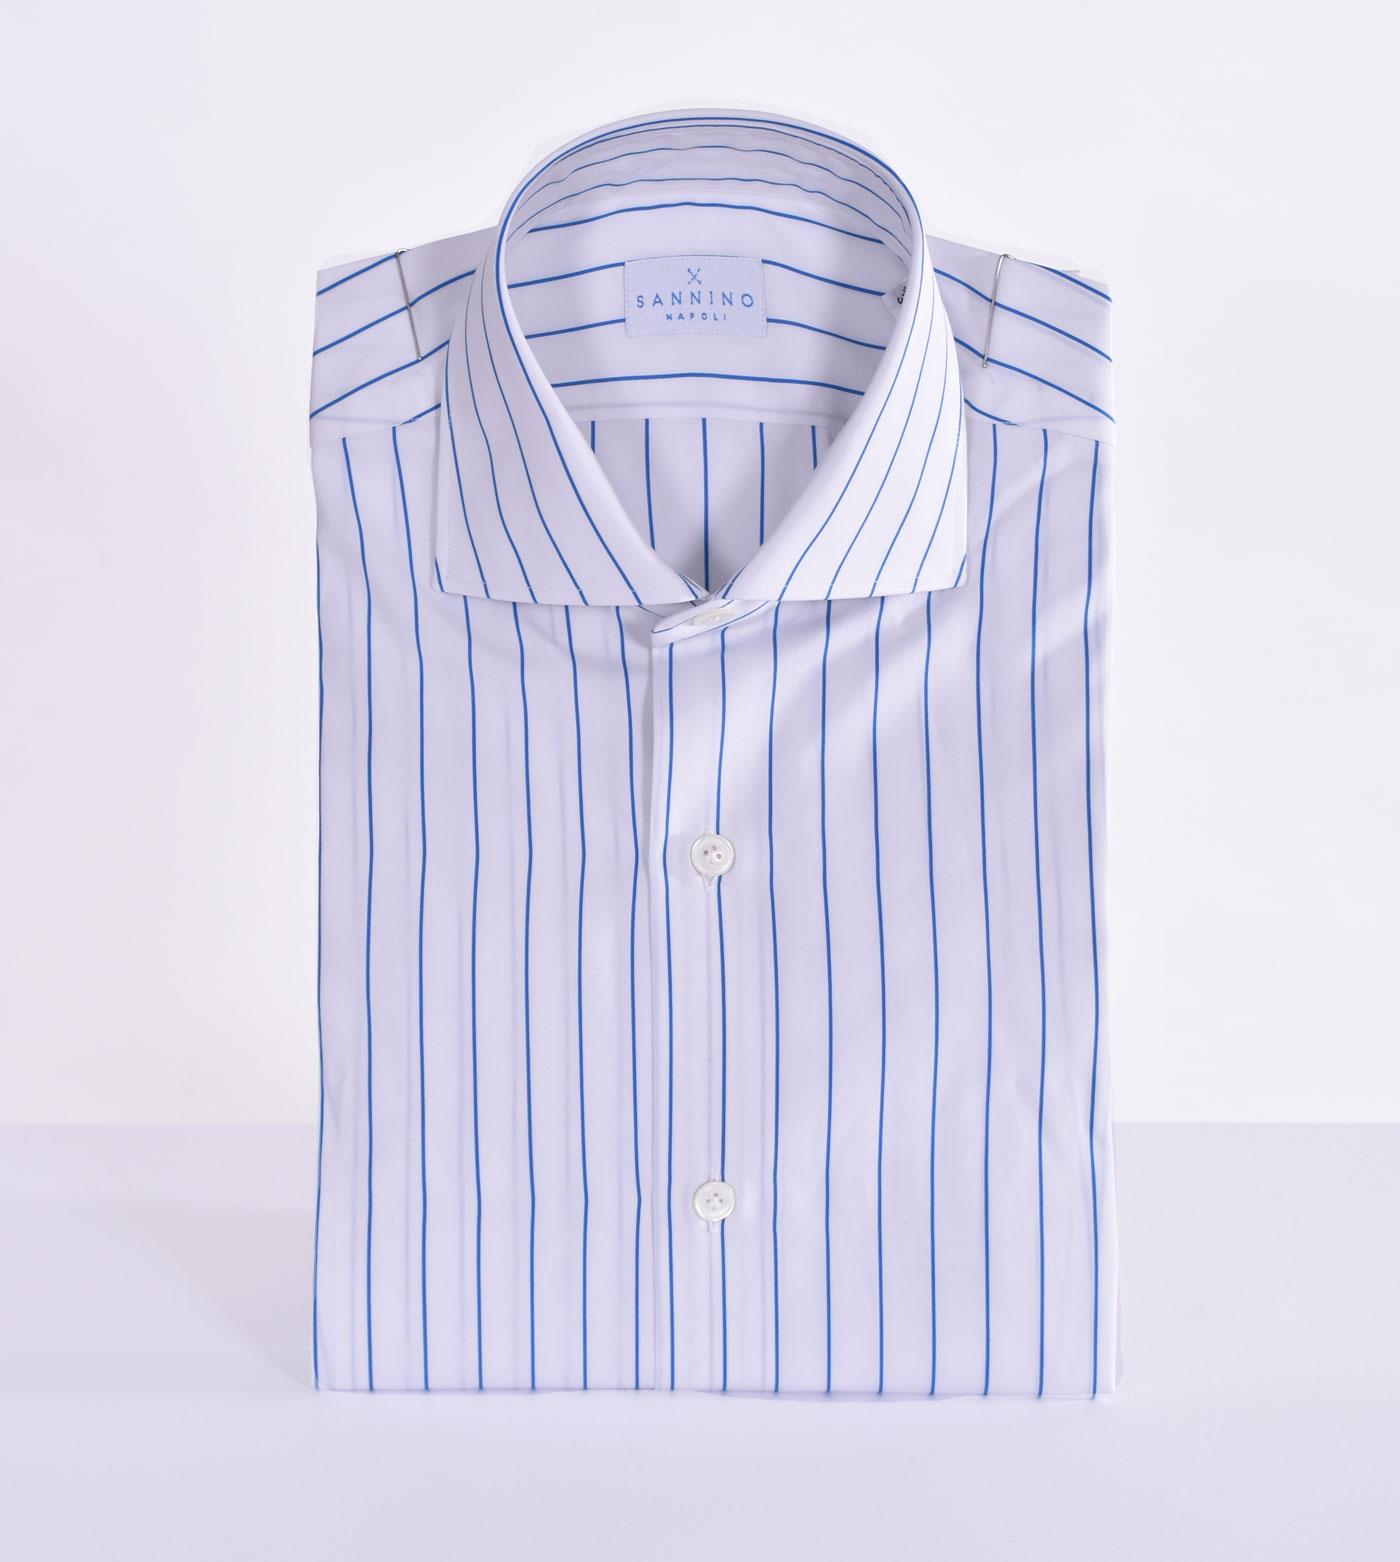 Sannino striped white blue shirt SANNINO | A56701